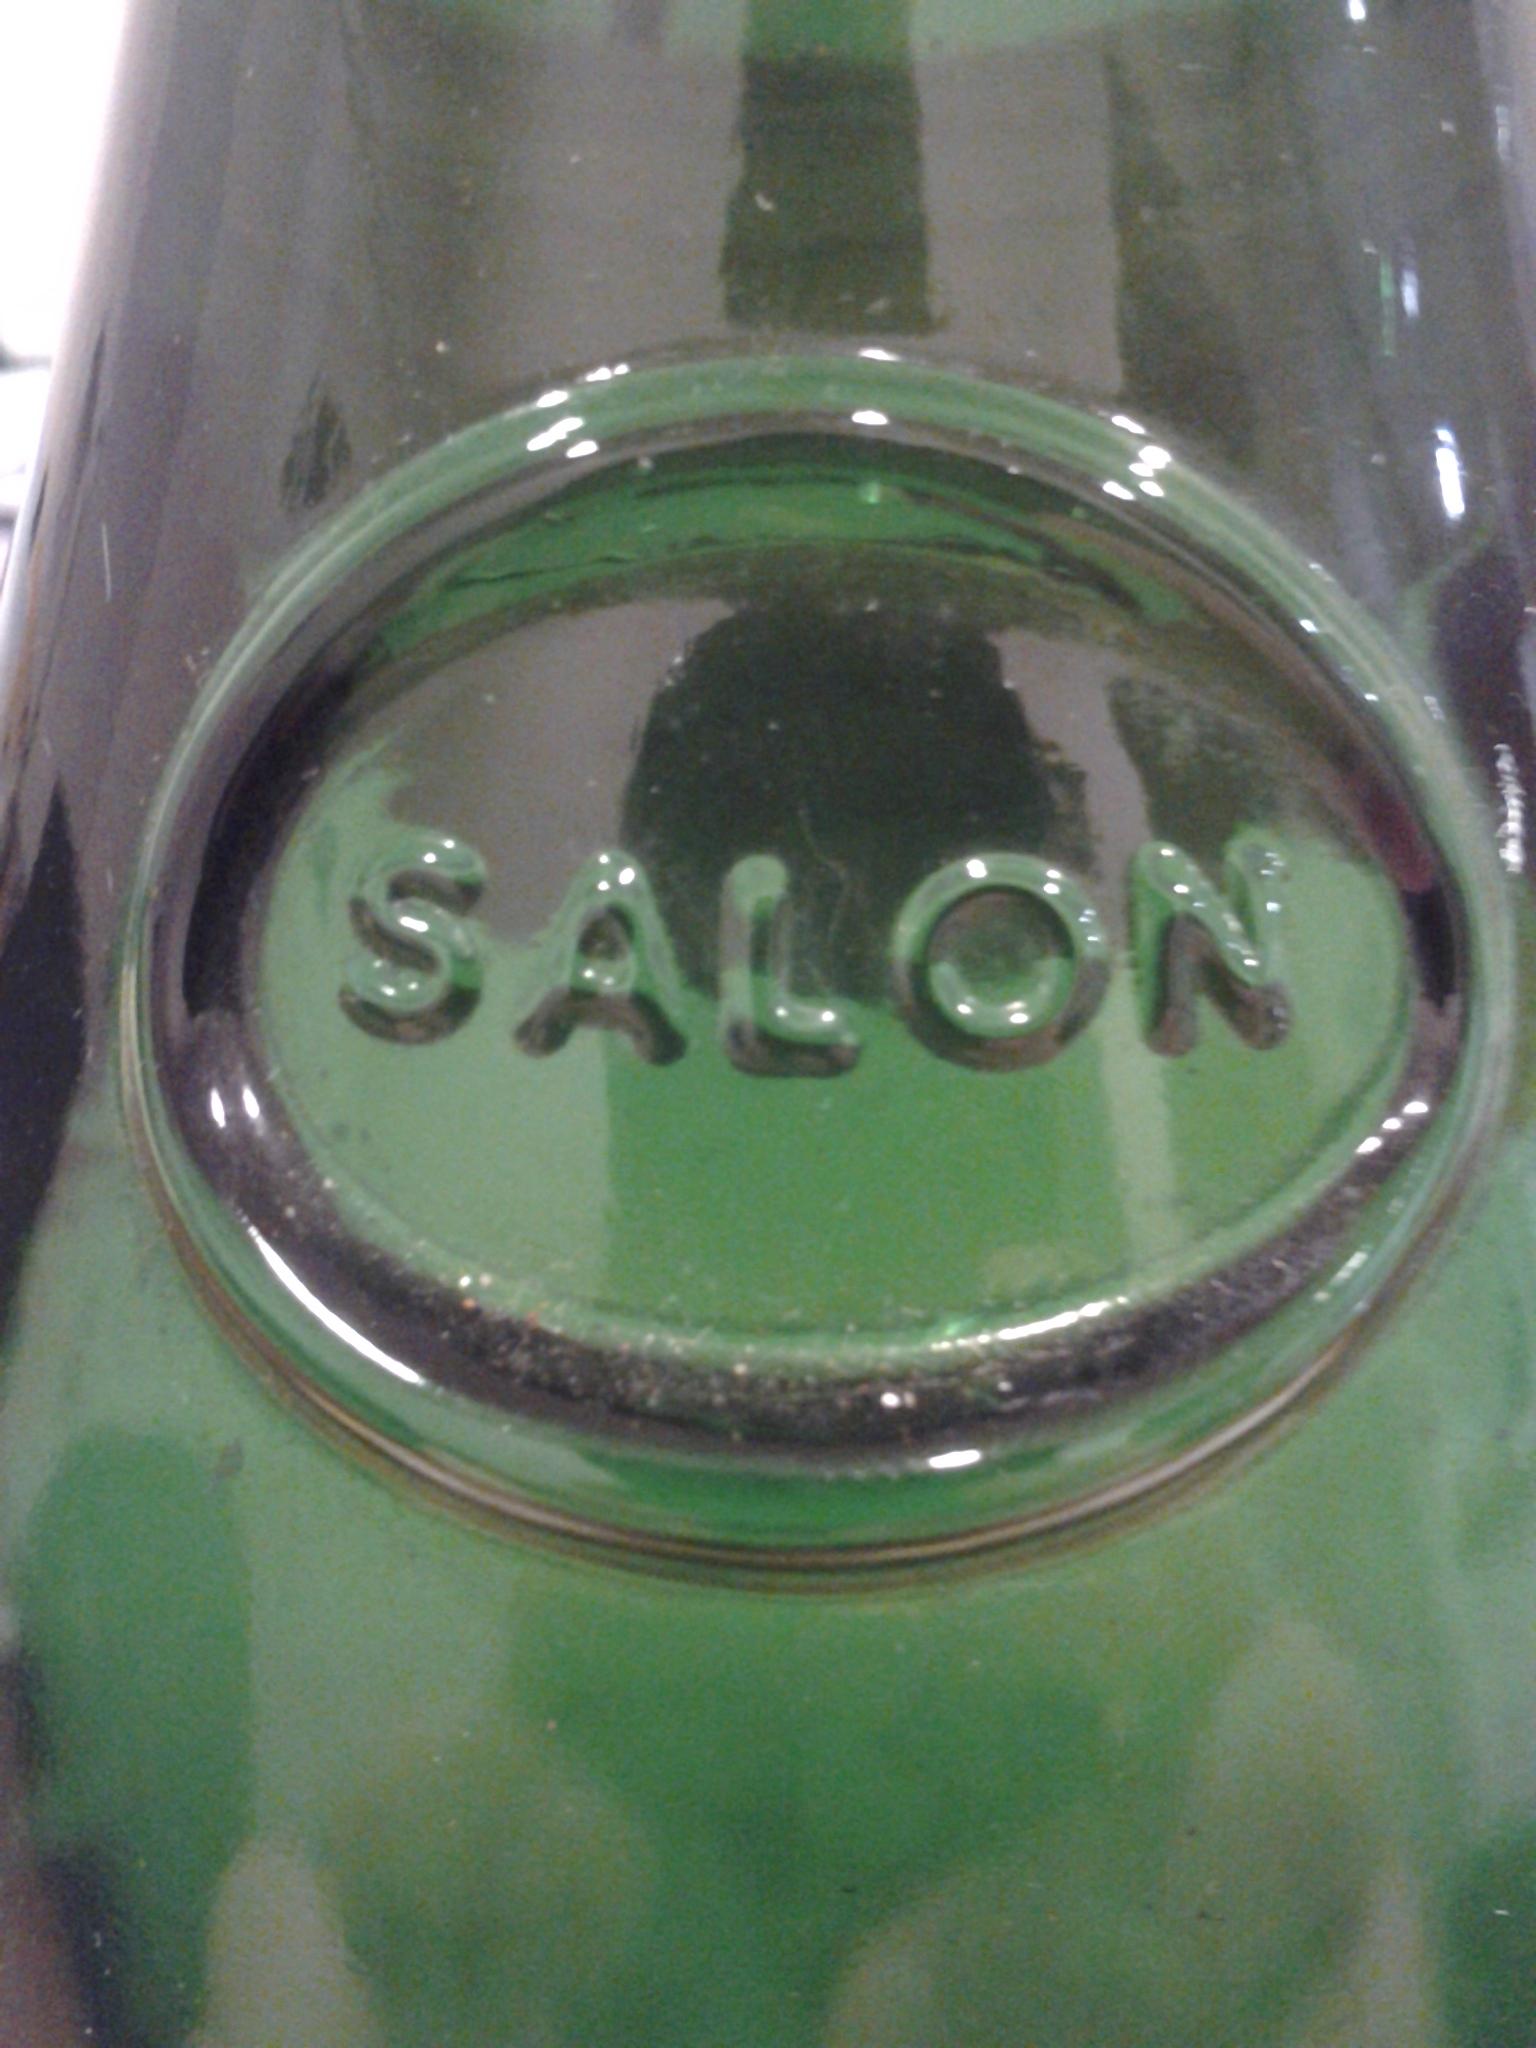 Salon, Brut Blanc de Blancs Le Mesnil-sur-Oger 1982 | WINENOODLE